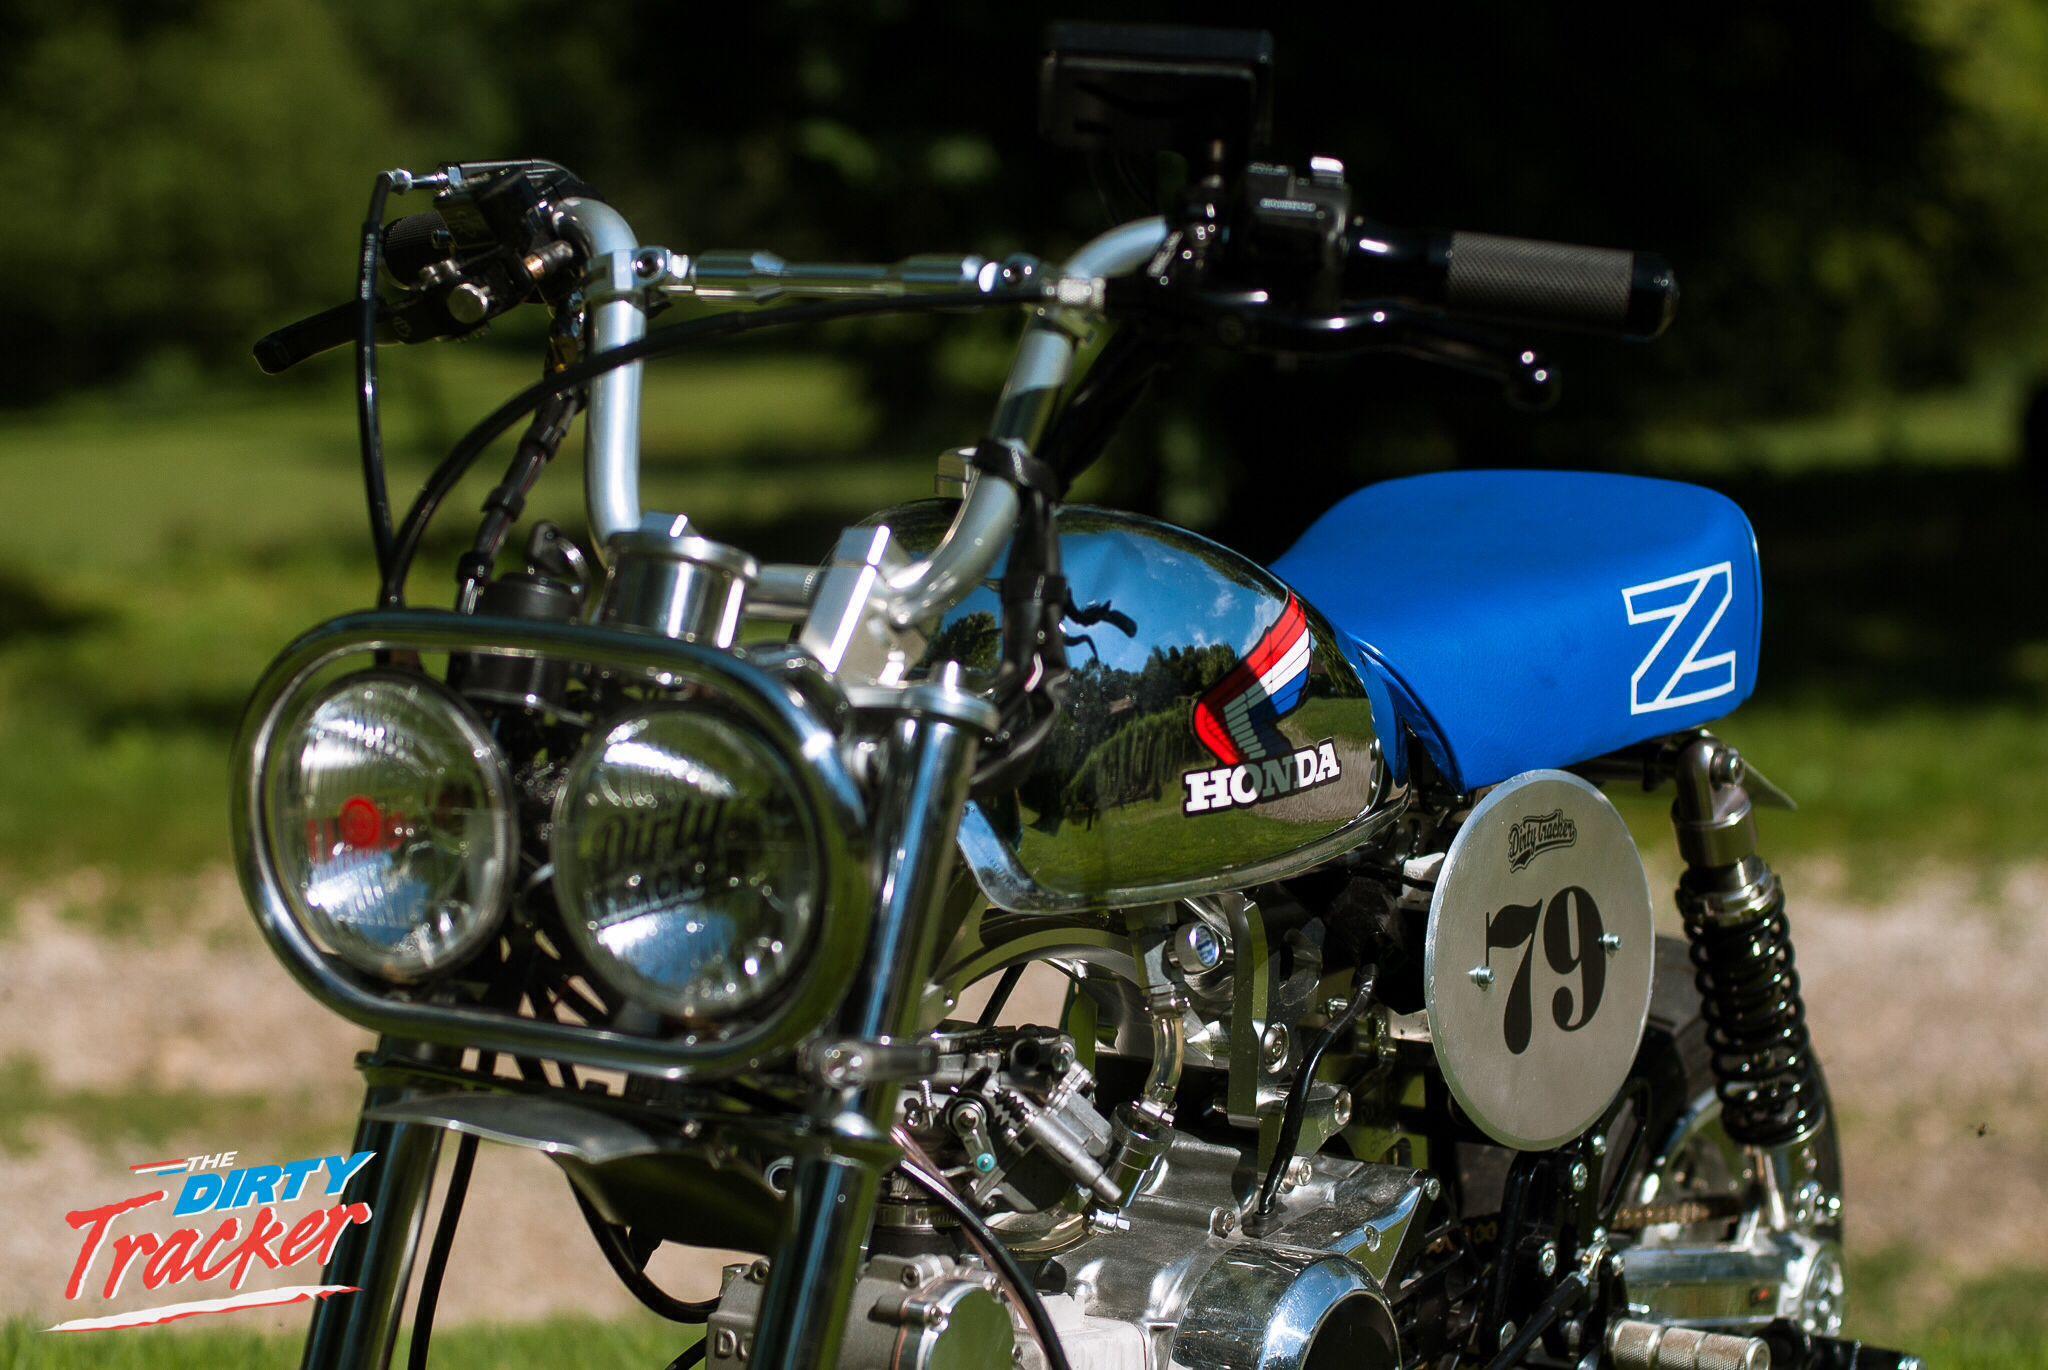 2014 | Honda Monkey Z50R Christmas edition ~ Dirty Tracker team | France #dirtytracker #monkey #monkeybike #z50 #z50j #z50j2 #z50r #minibike #bike #motorcycle #motorbike #moto #4stroke #4mini #japan #minitrail #honda #hondamonkey #mini4stroke #takegawa #instamotogallery #bikelife #instabike #takegawa #instamoto